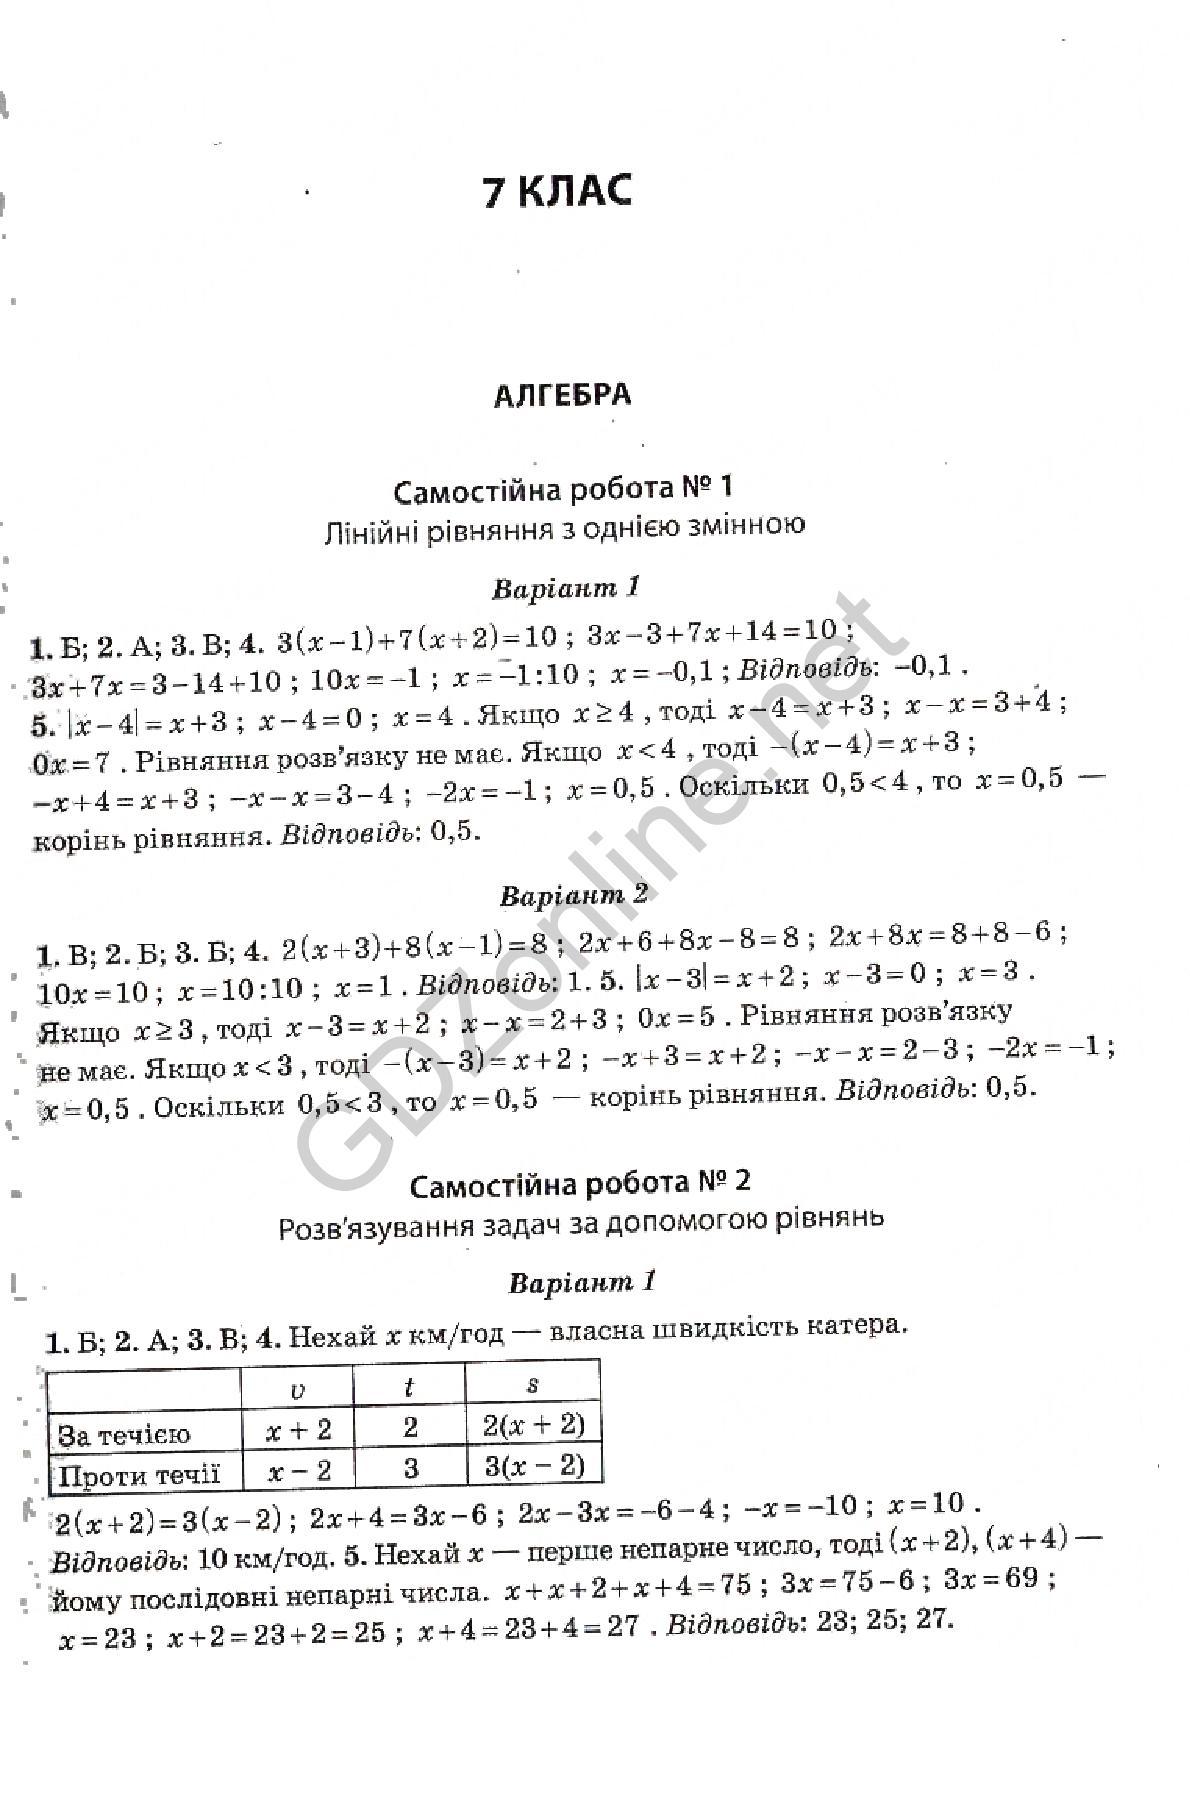 Решебник по алгебре 7 класс мордкович задачник 2009